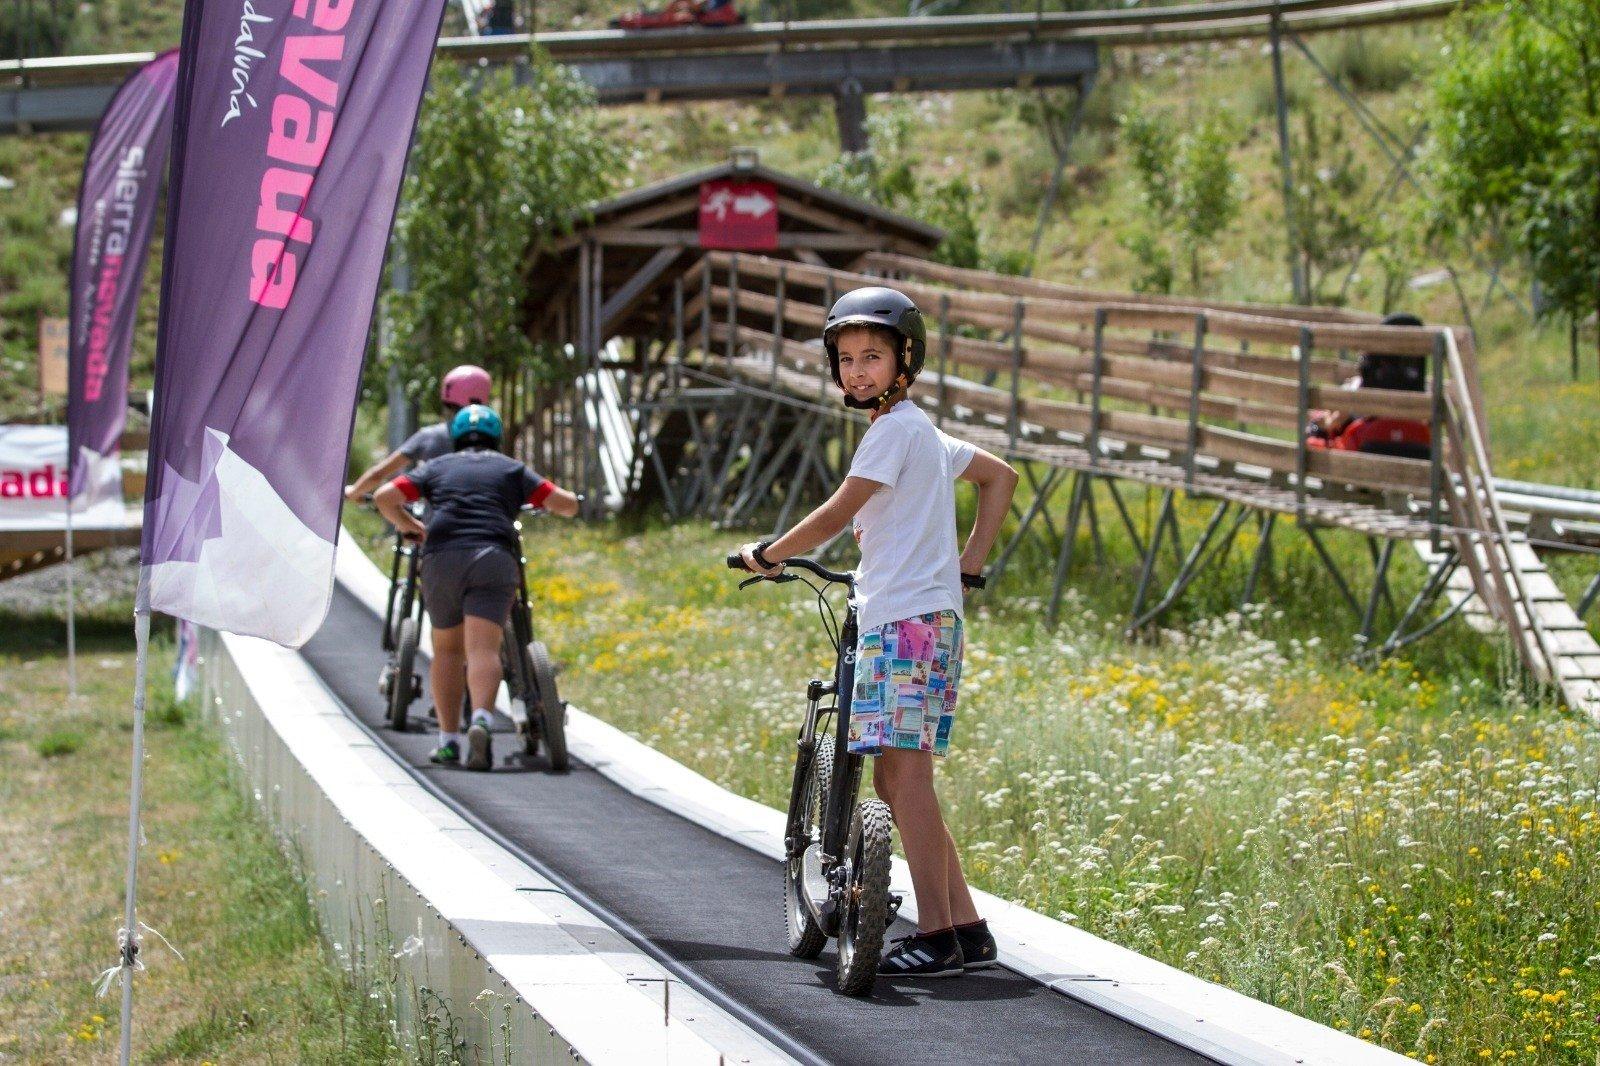 Sierra Nevada mantiene para julio y agosto sus campamentos de verano con inglés, deporte y naturaleza